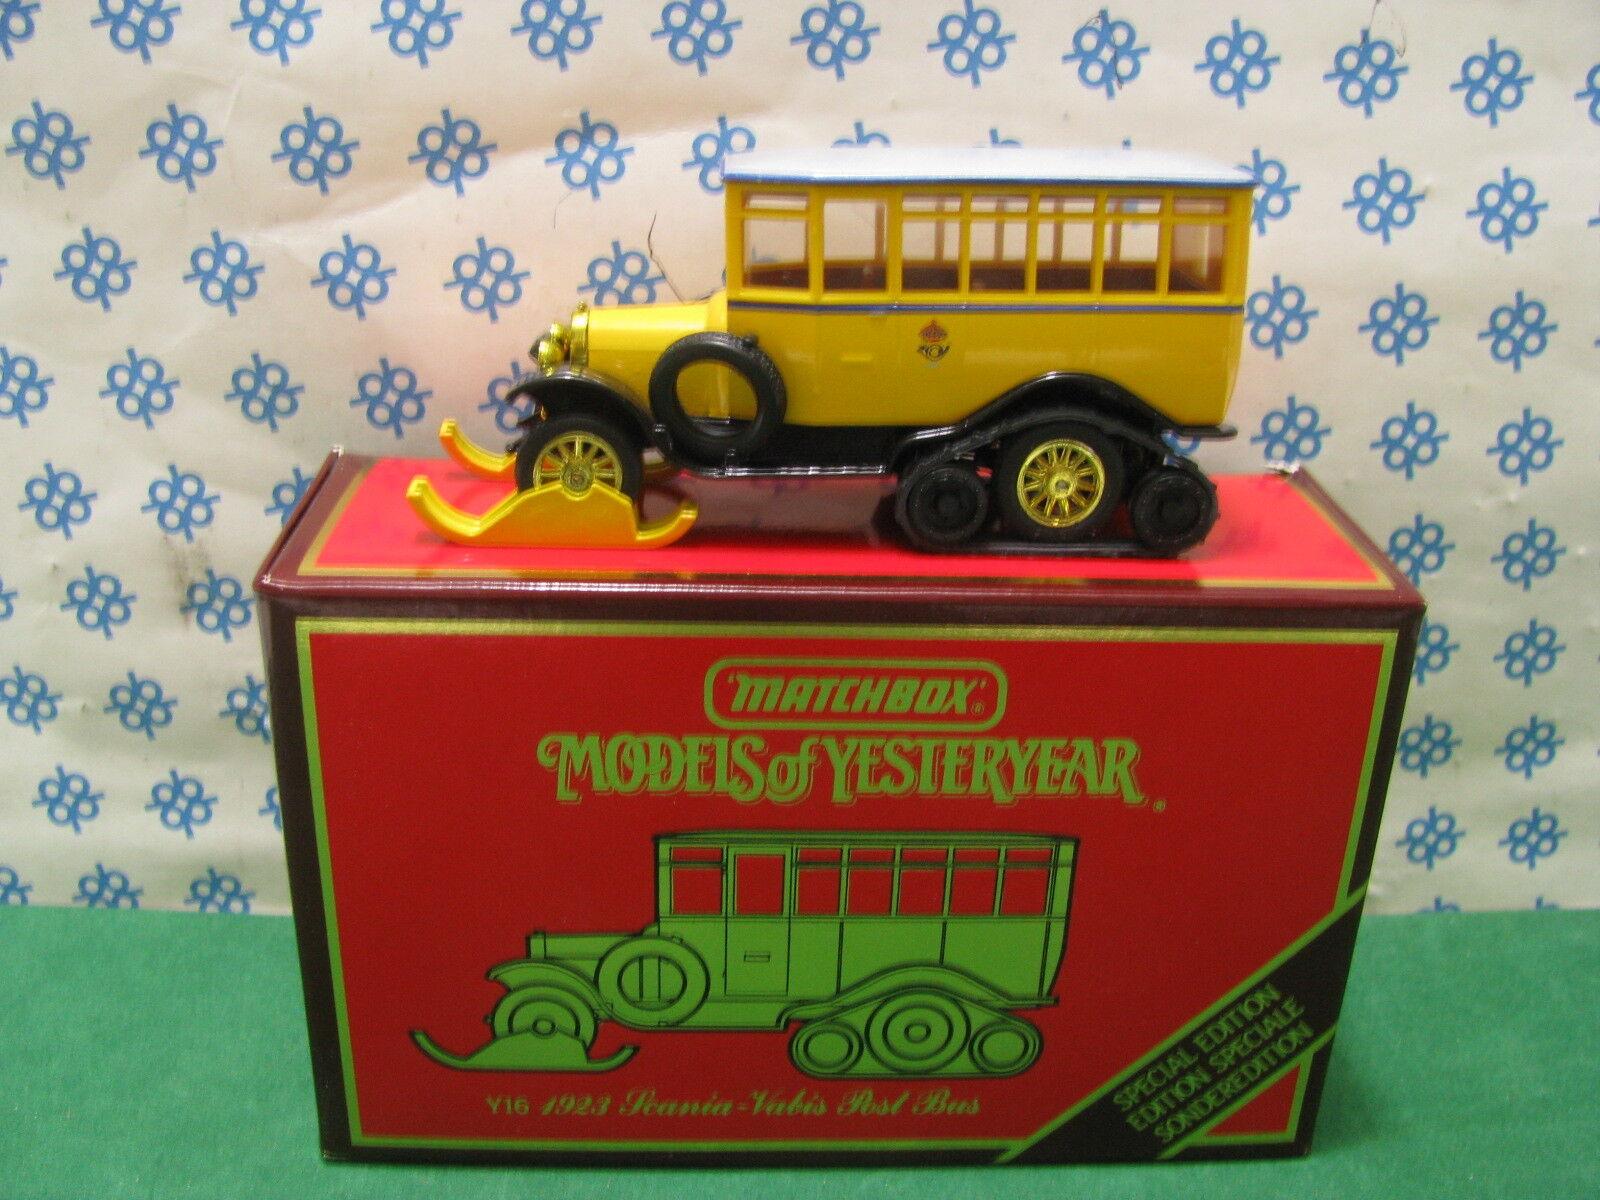 Vintage - Scania - Vabis Post Bus 1923 - Matchbox Y 16 Mint Boîte